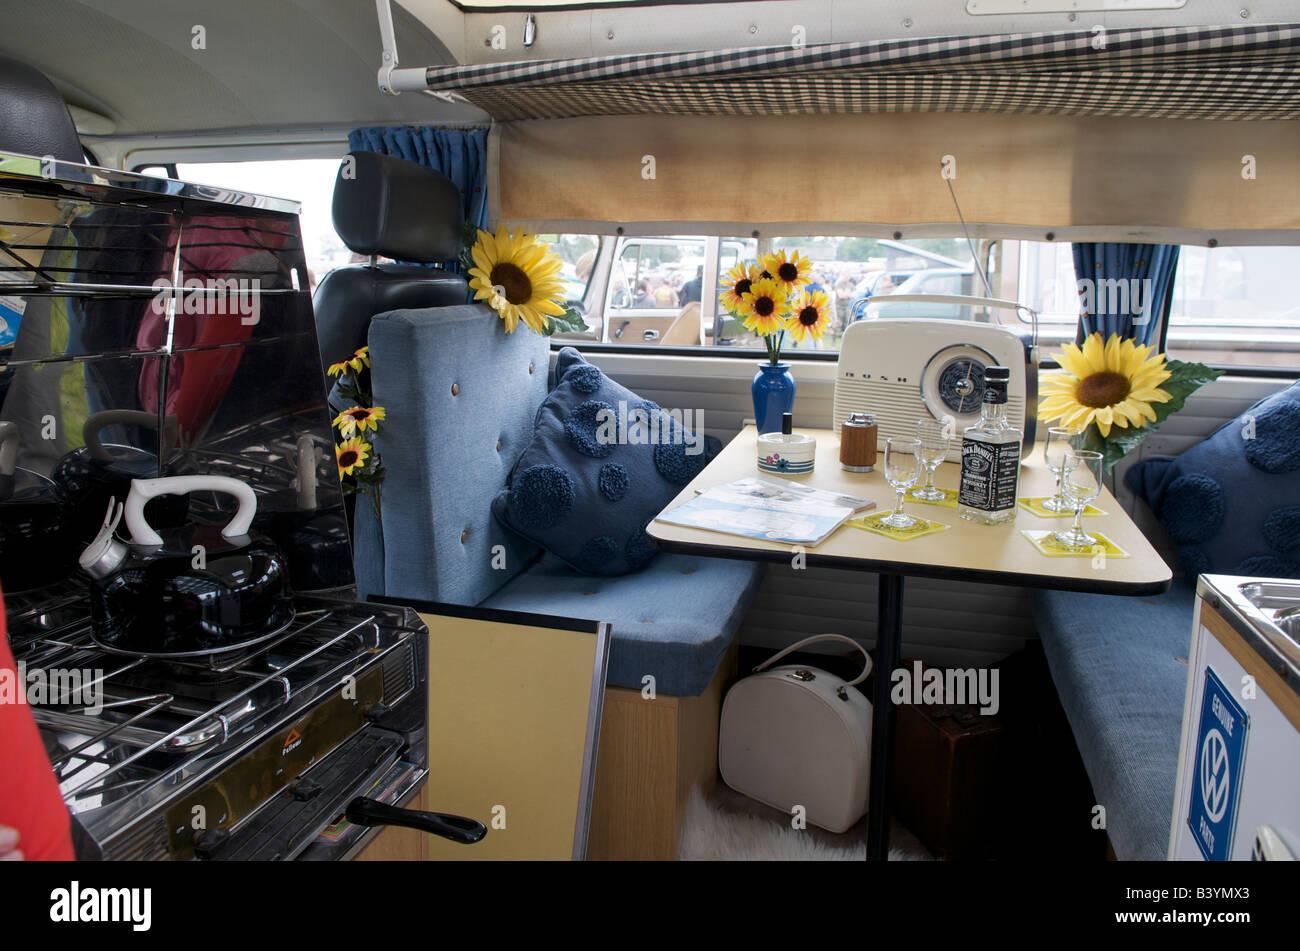 Volkswagen Type 2 Transporter Camper Van Interior